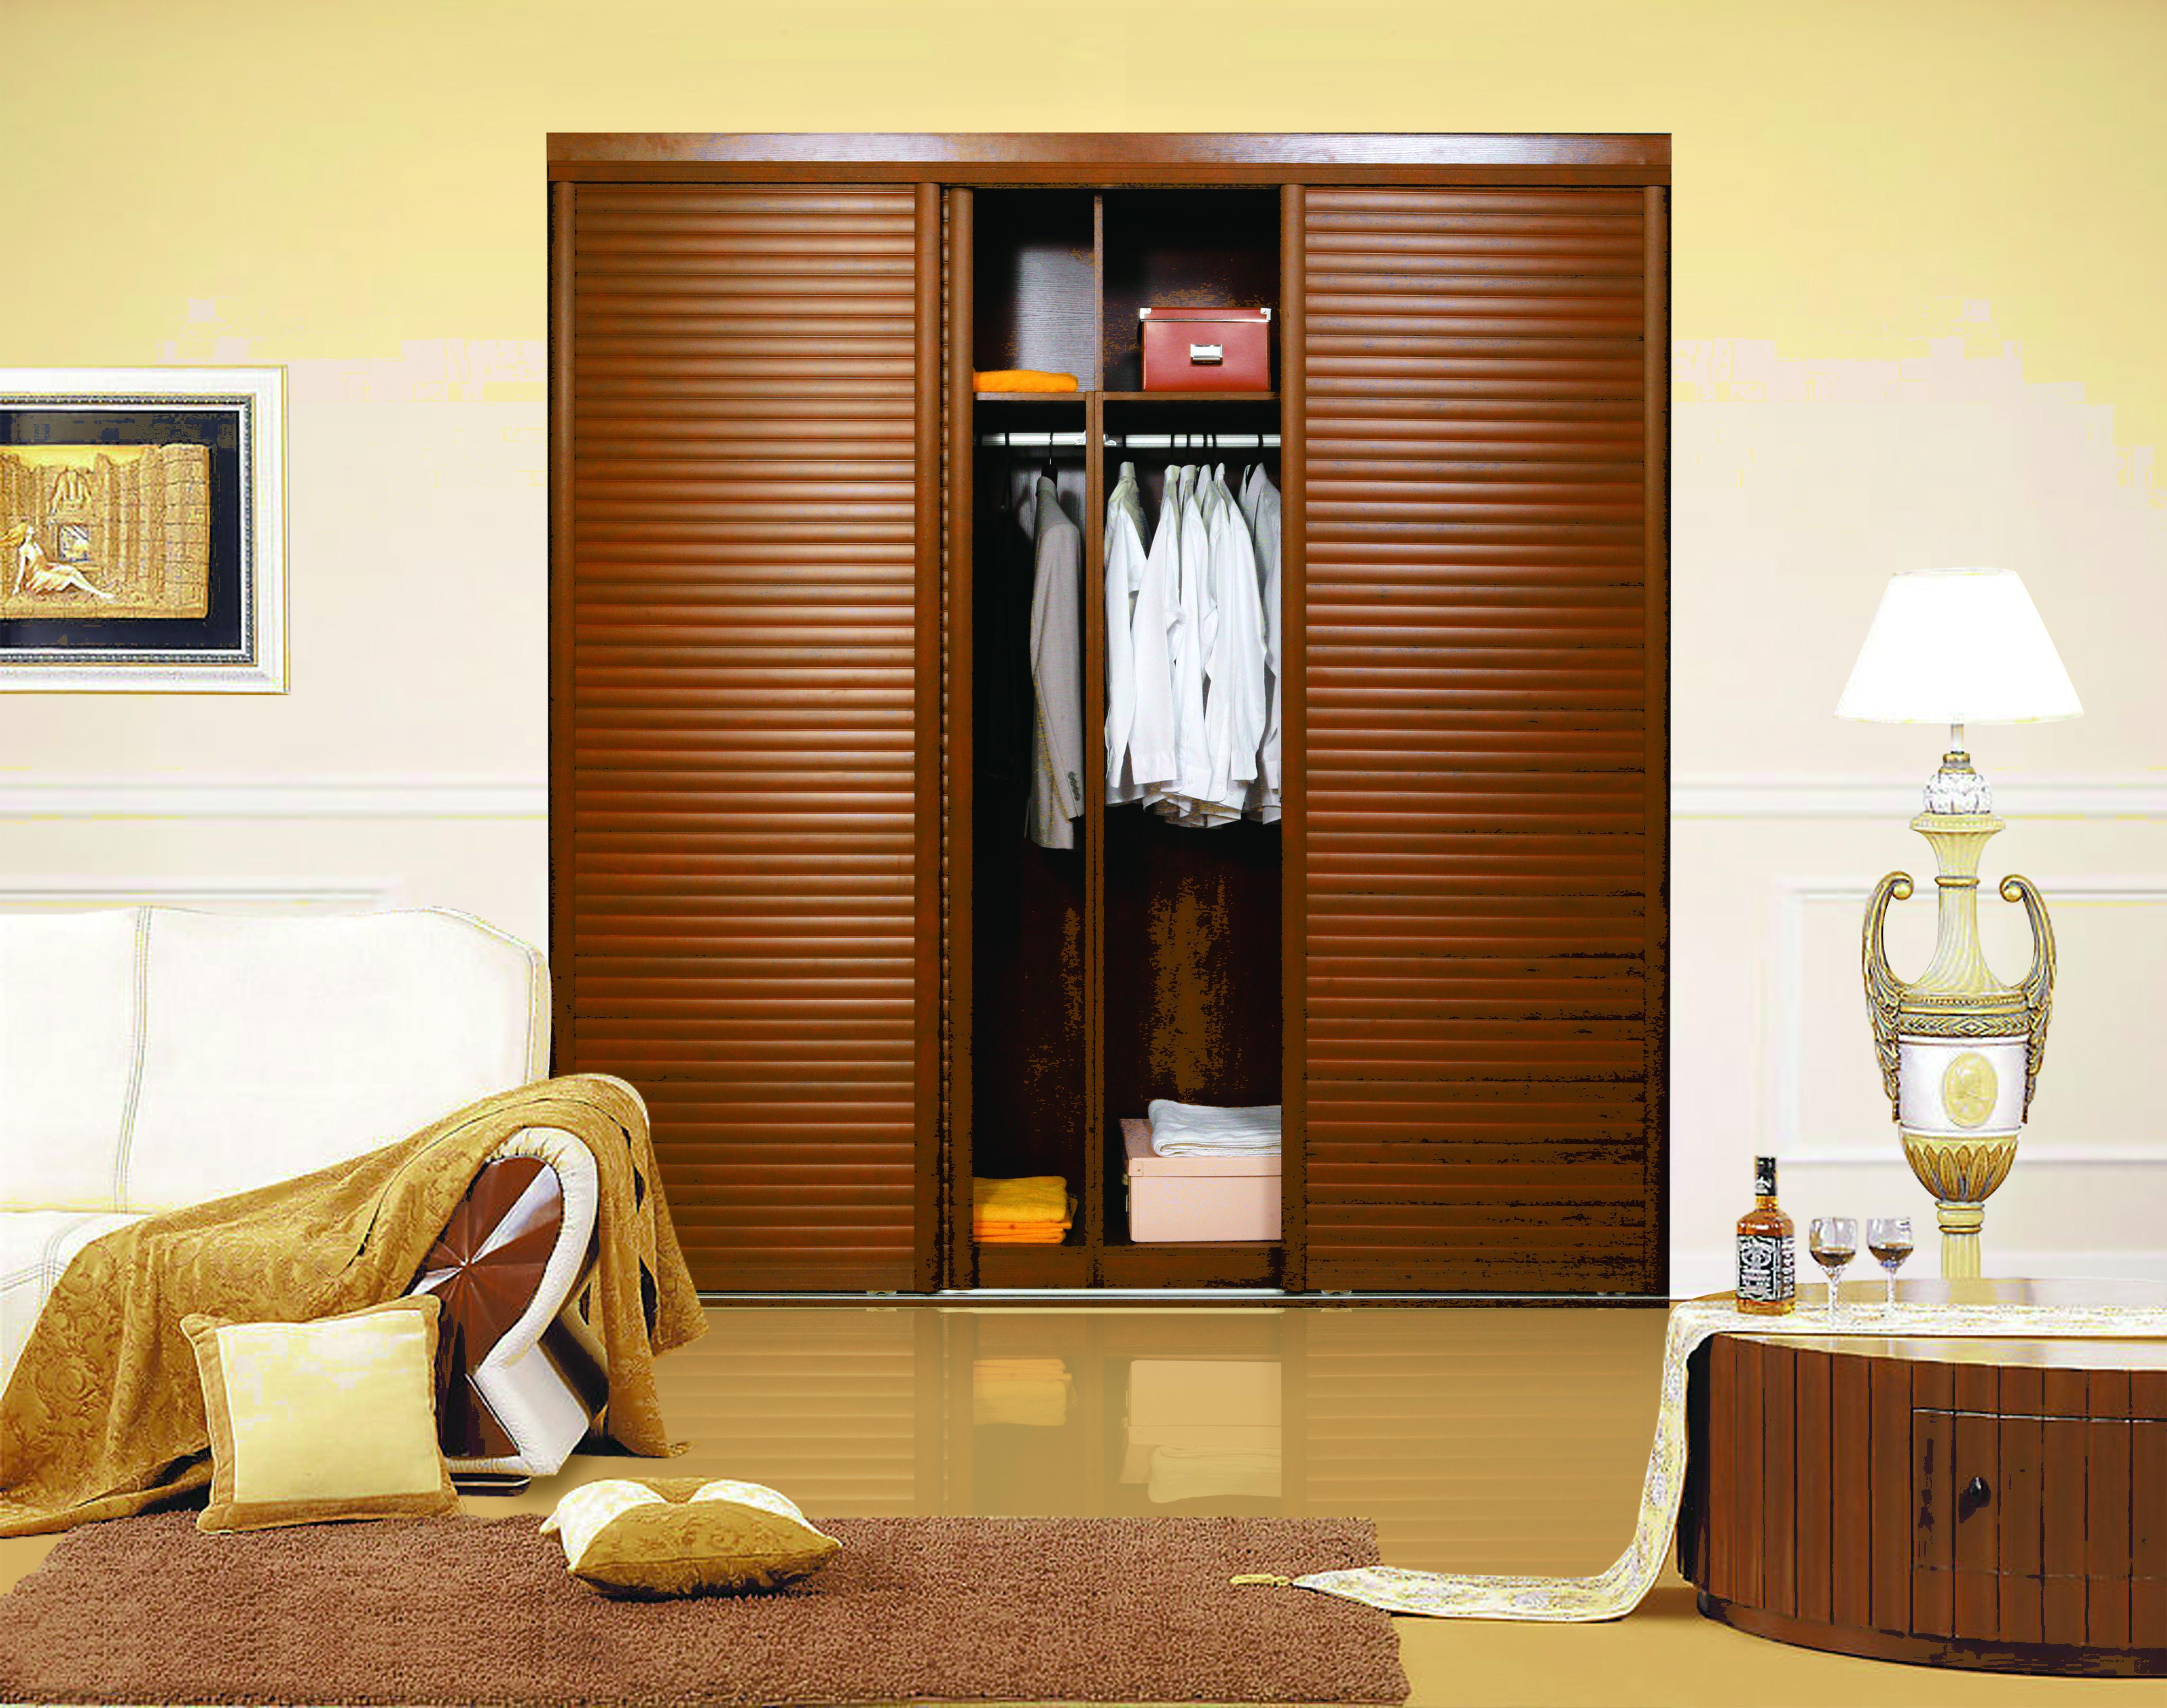 定制衣柜不知道该用什么板材,来看看应该怎样选择吧。